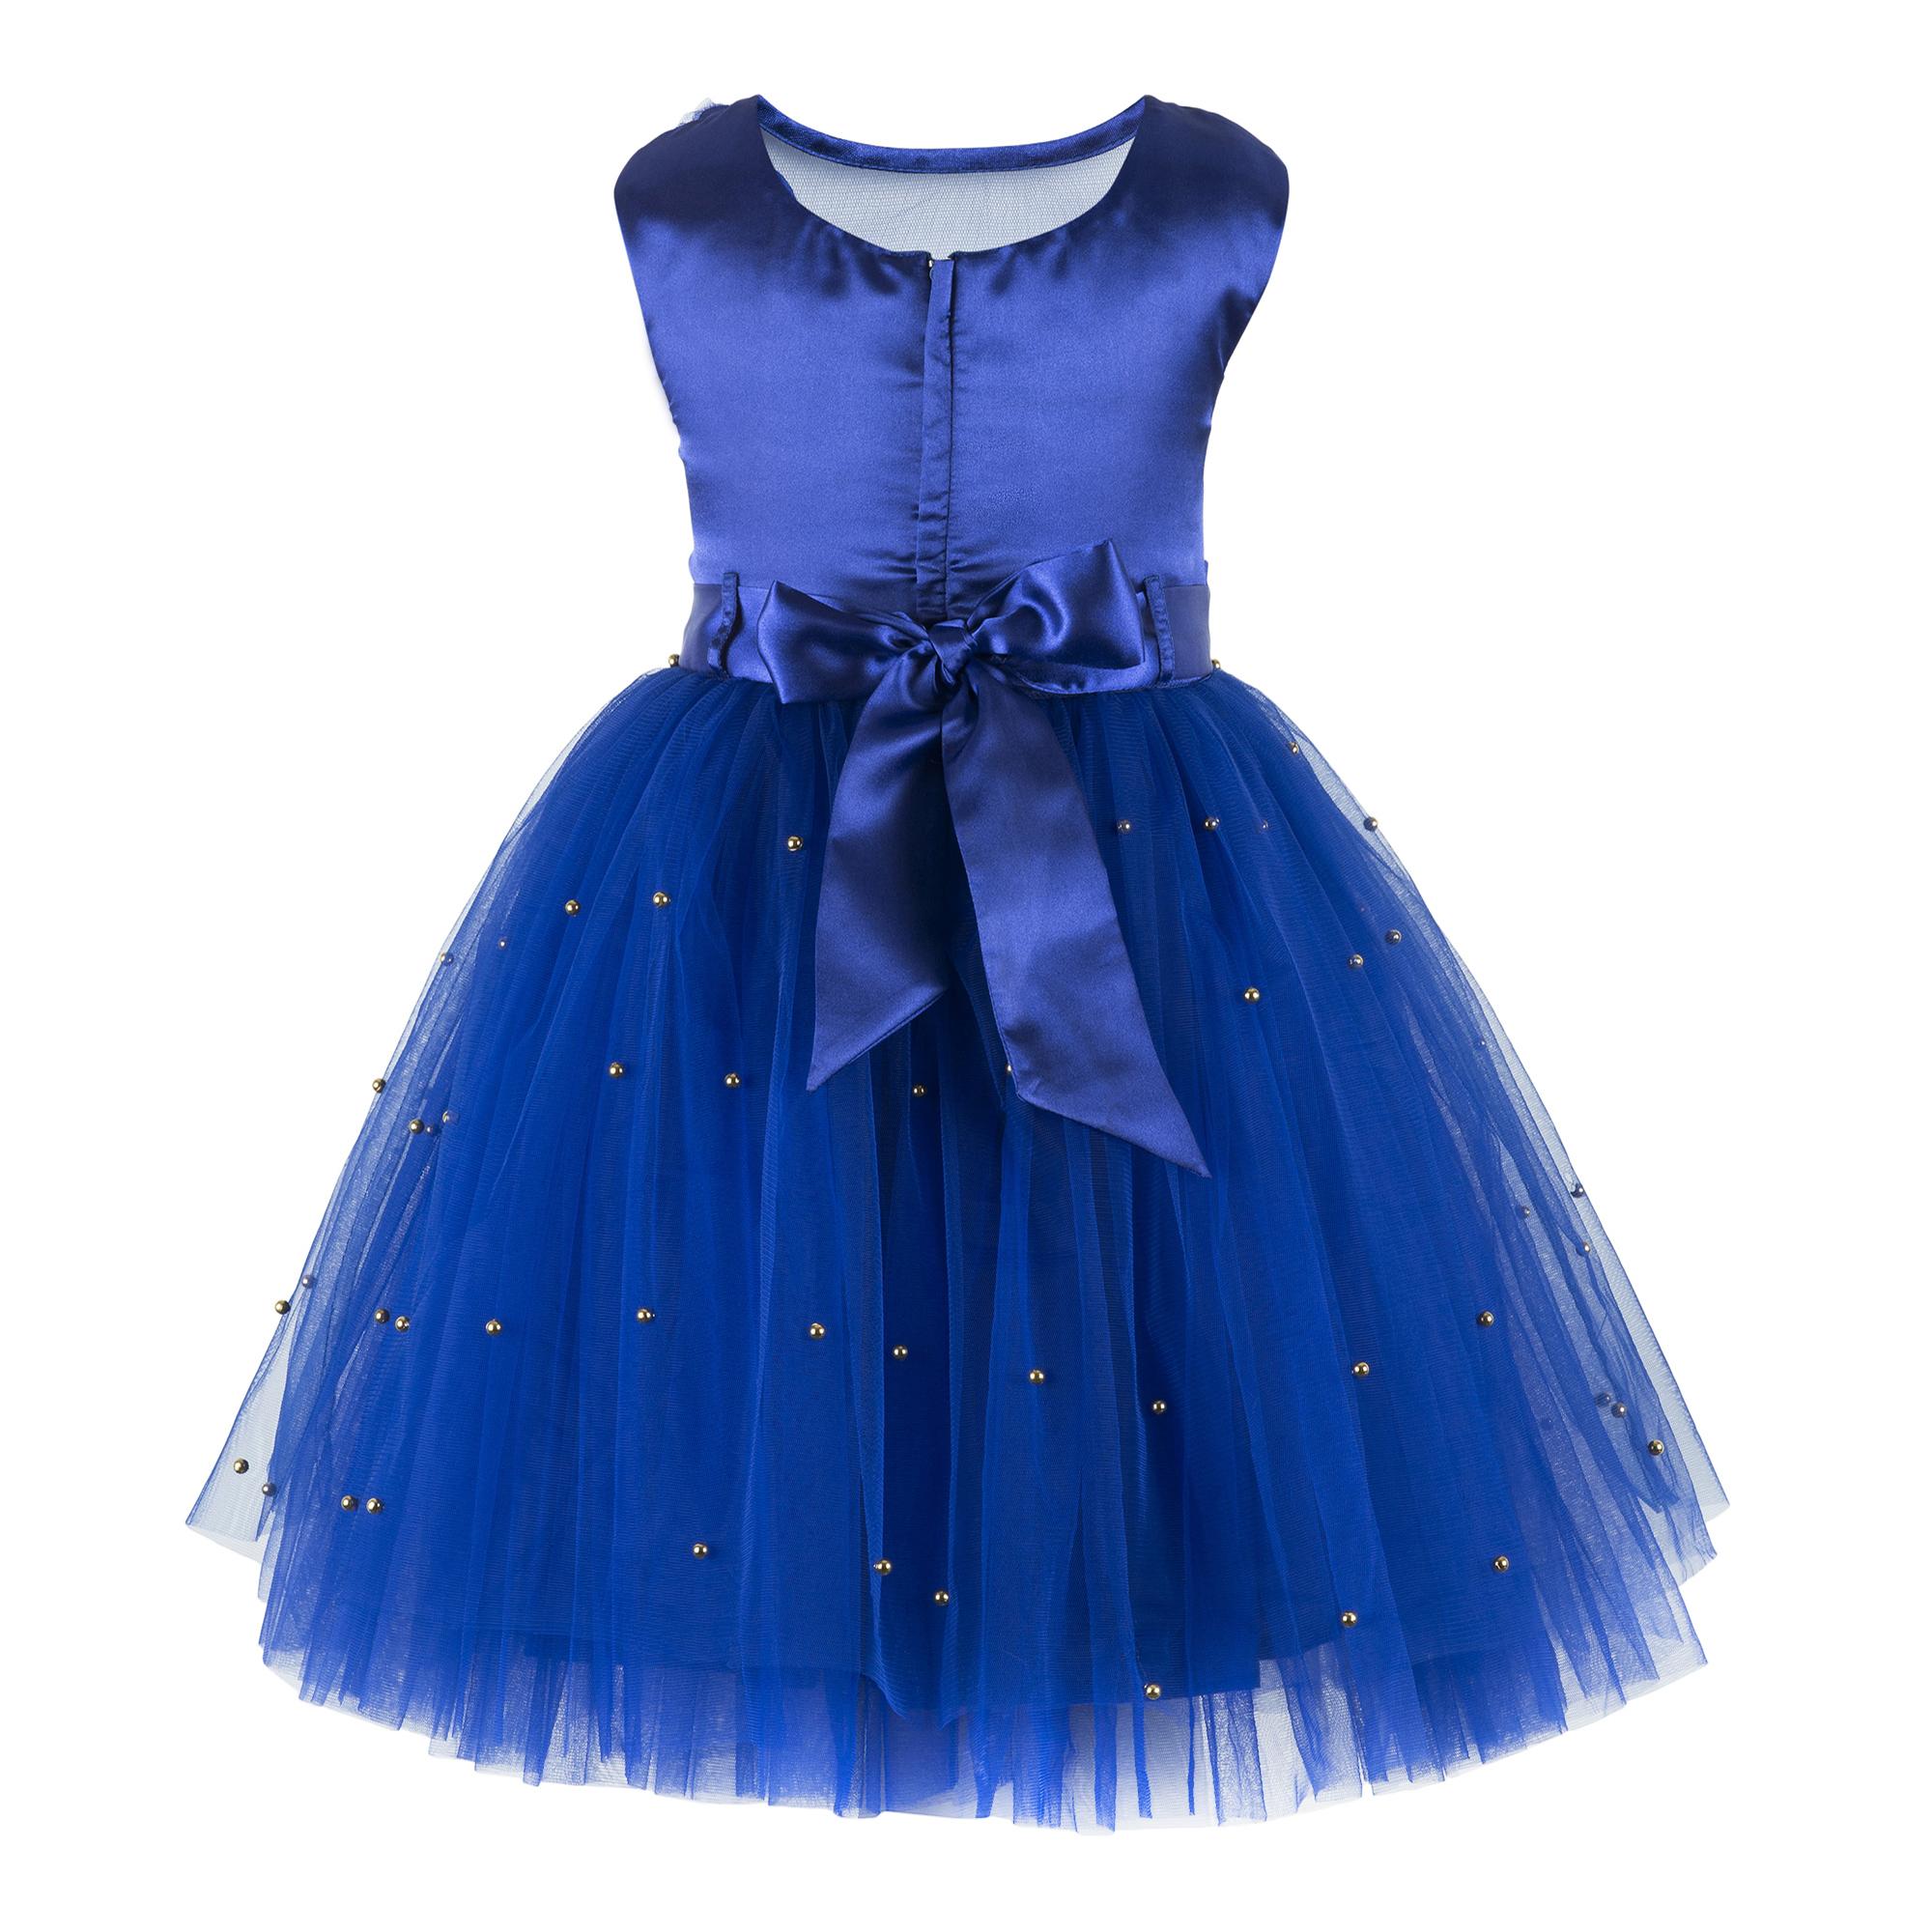 Embellished Blue Knee Length Party  Dress